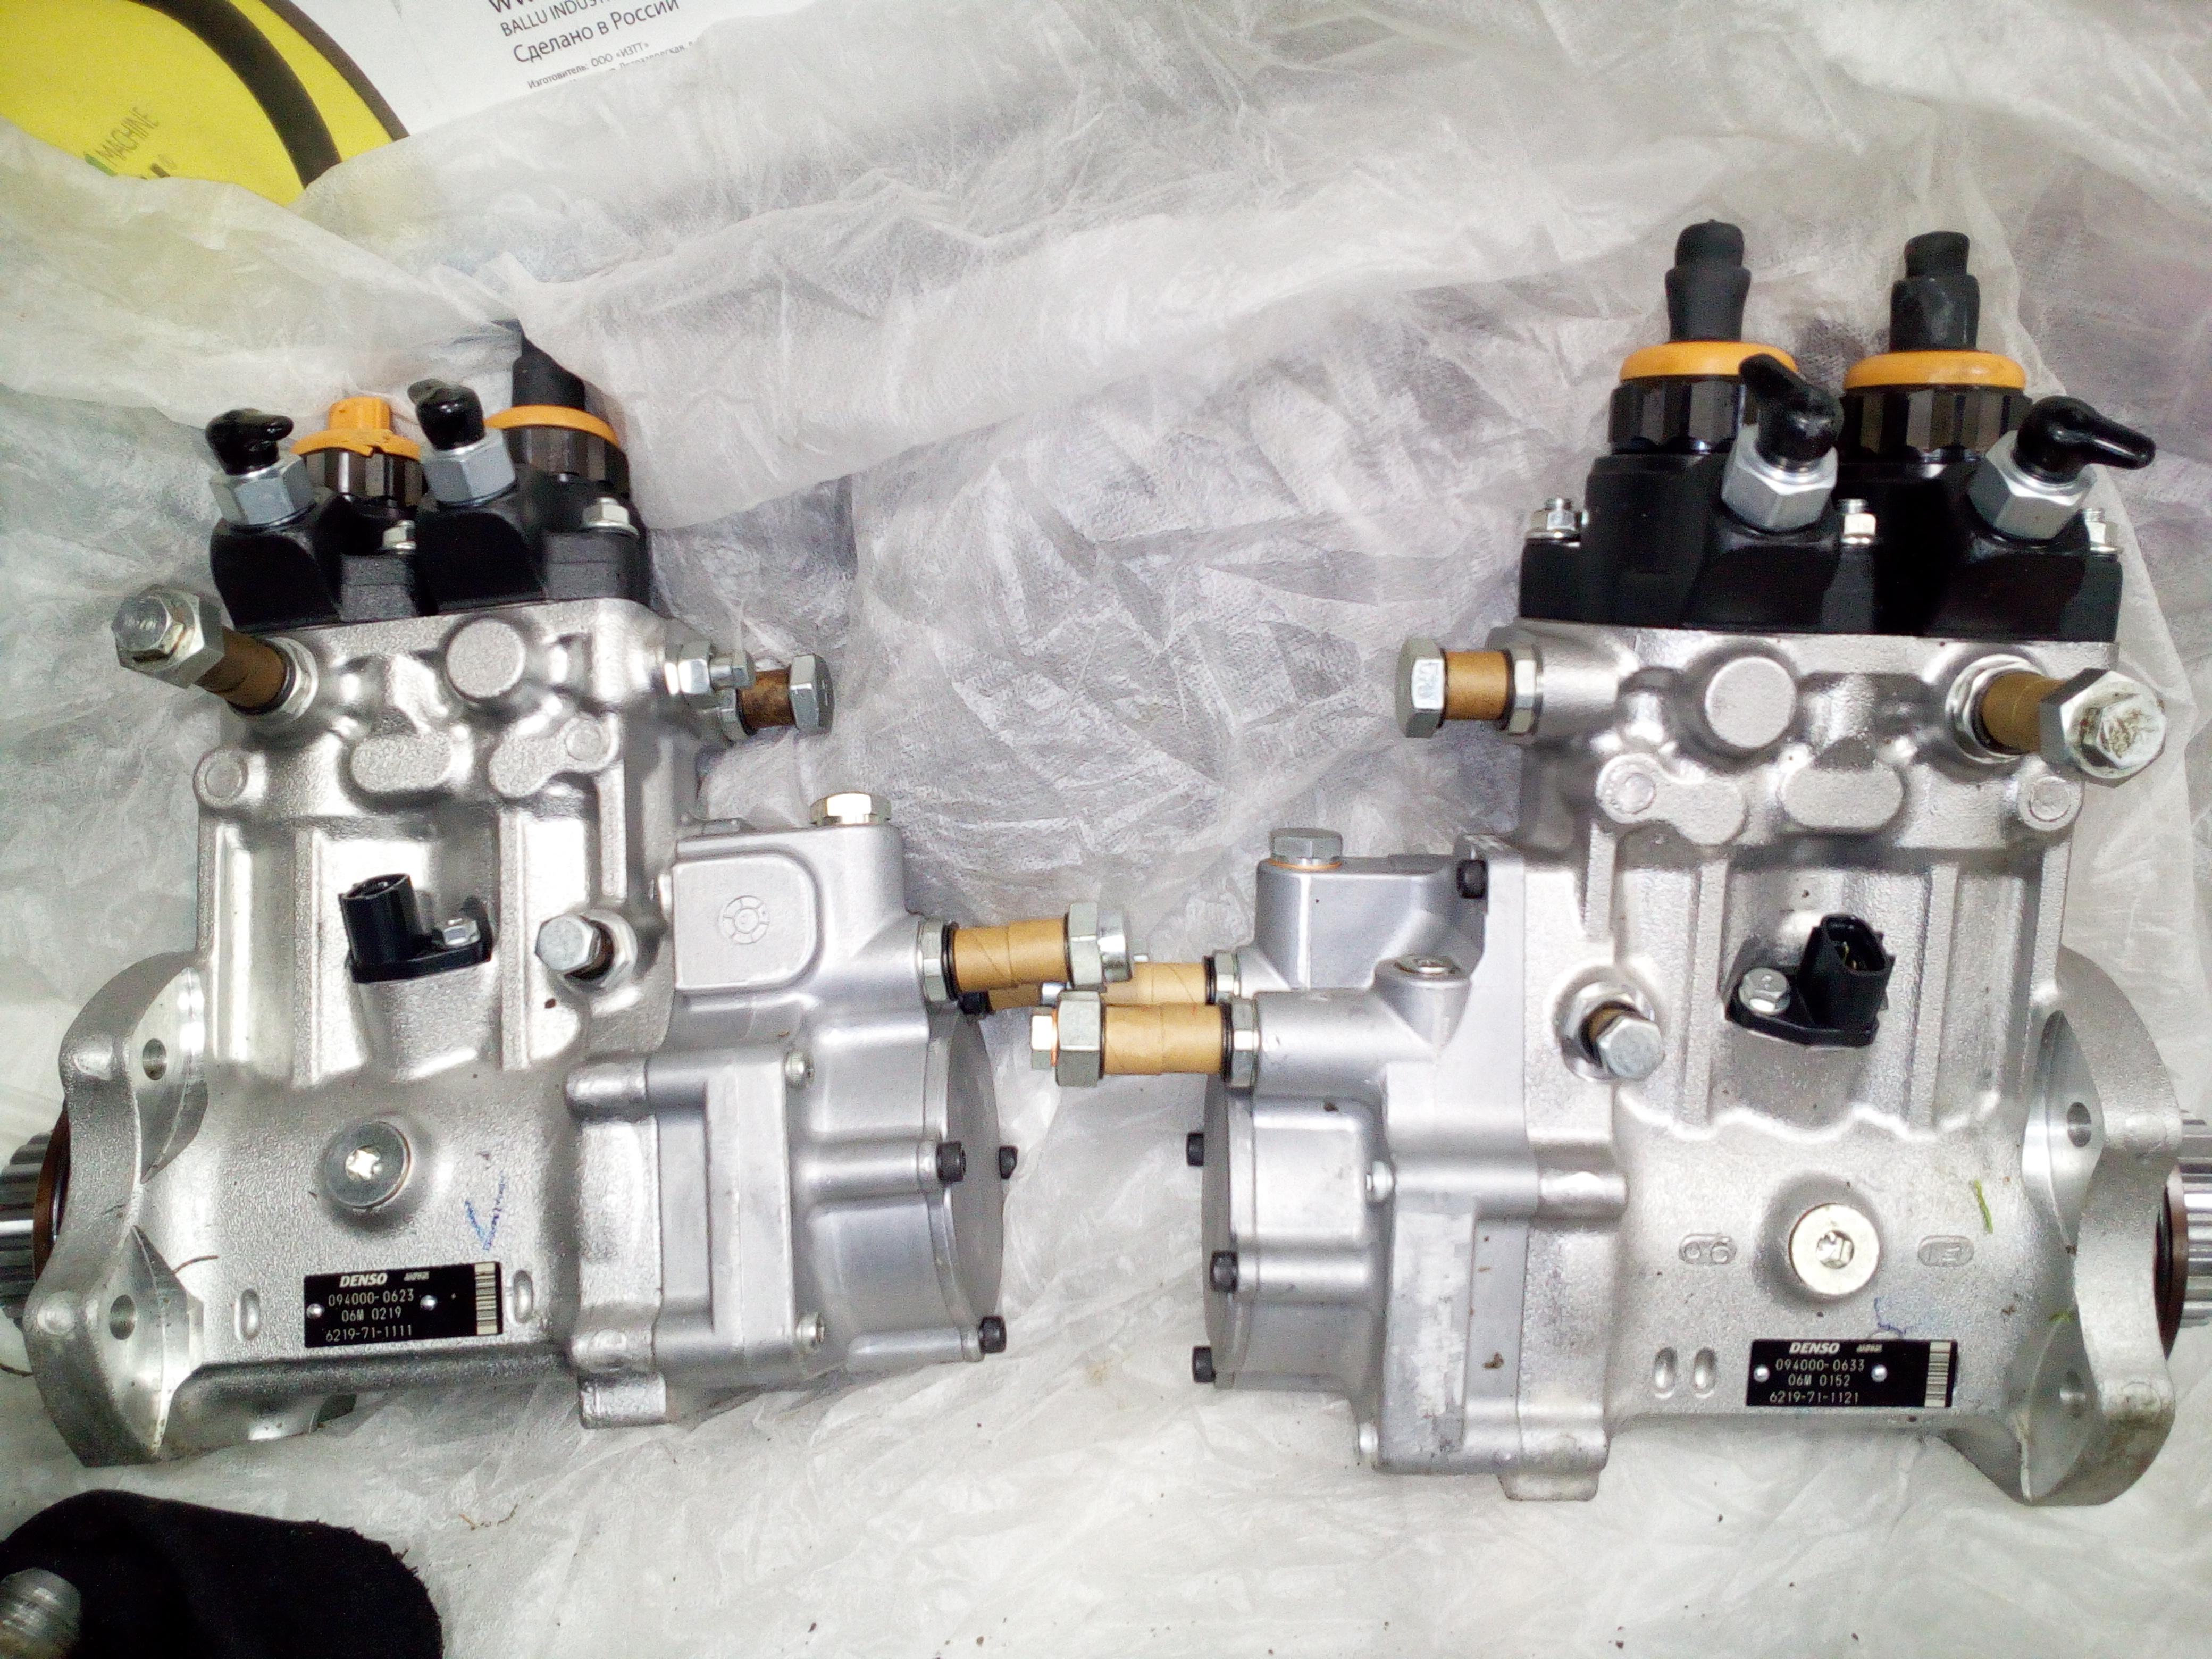 НОВЫЕ ТНВД KOMATSU 6219-71-1111, 6219-71-1121, injection fuel pump.